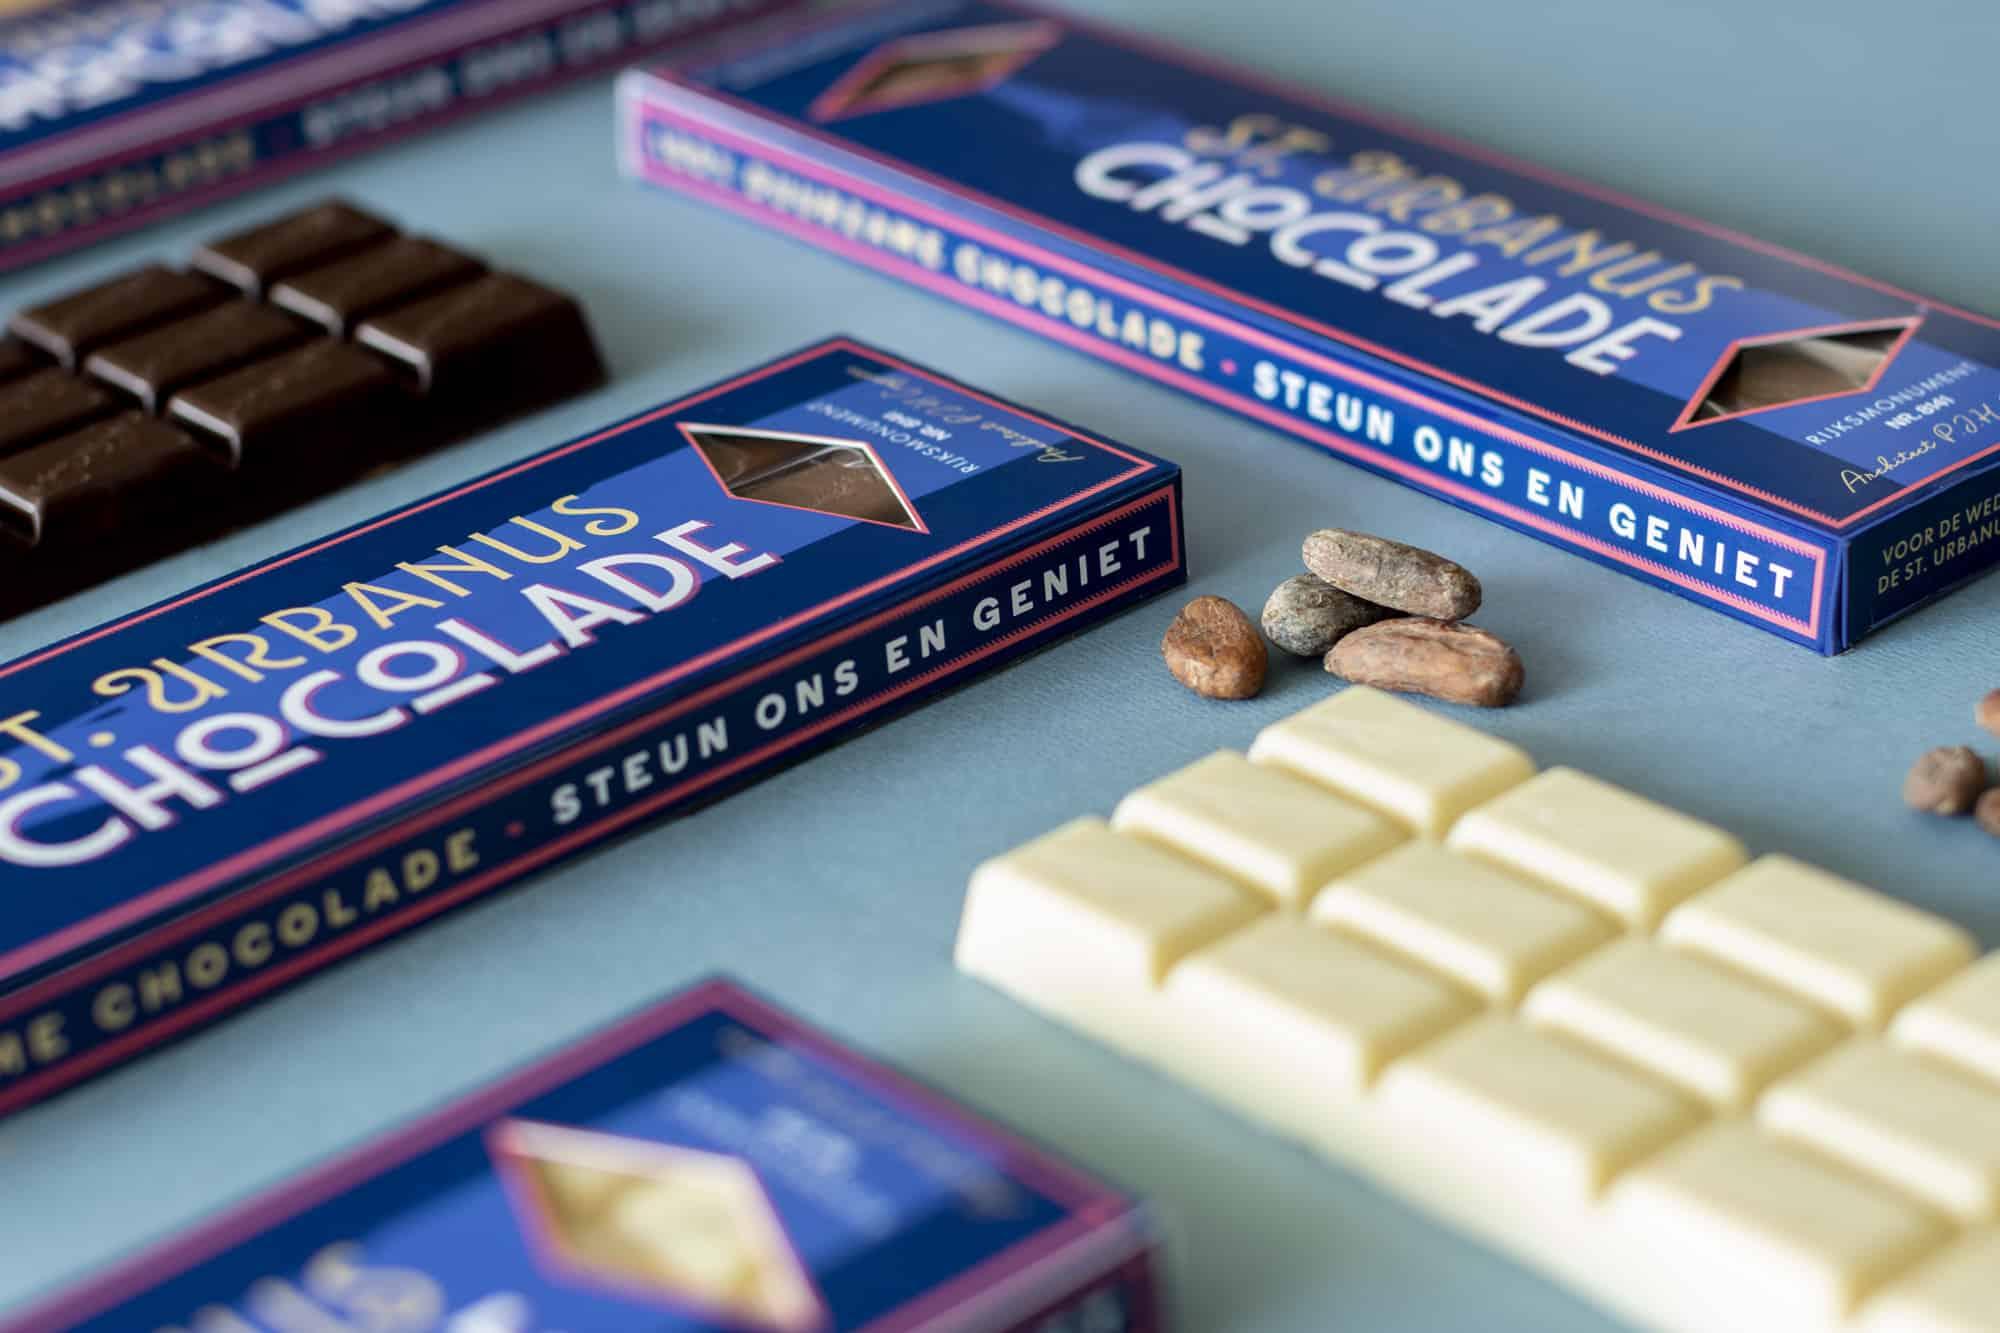 St. Urbanus Chocolade - chocolade assortiment